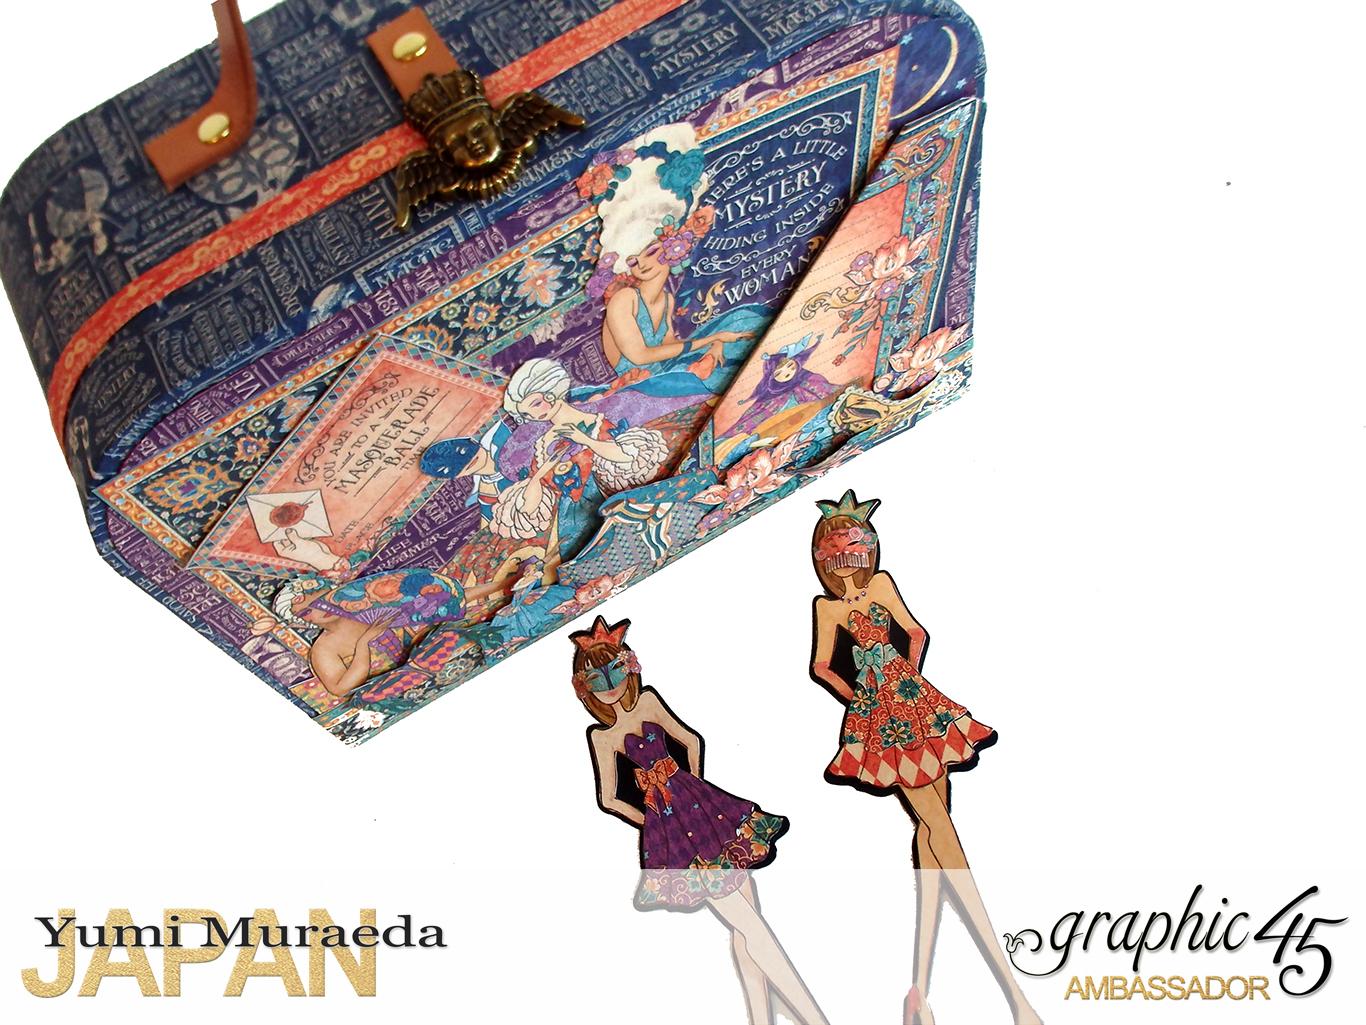 13midnightmasqueradskisekaedesignbyyumiproductbyGraphic45.jpg